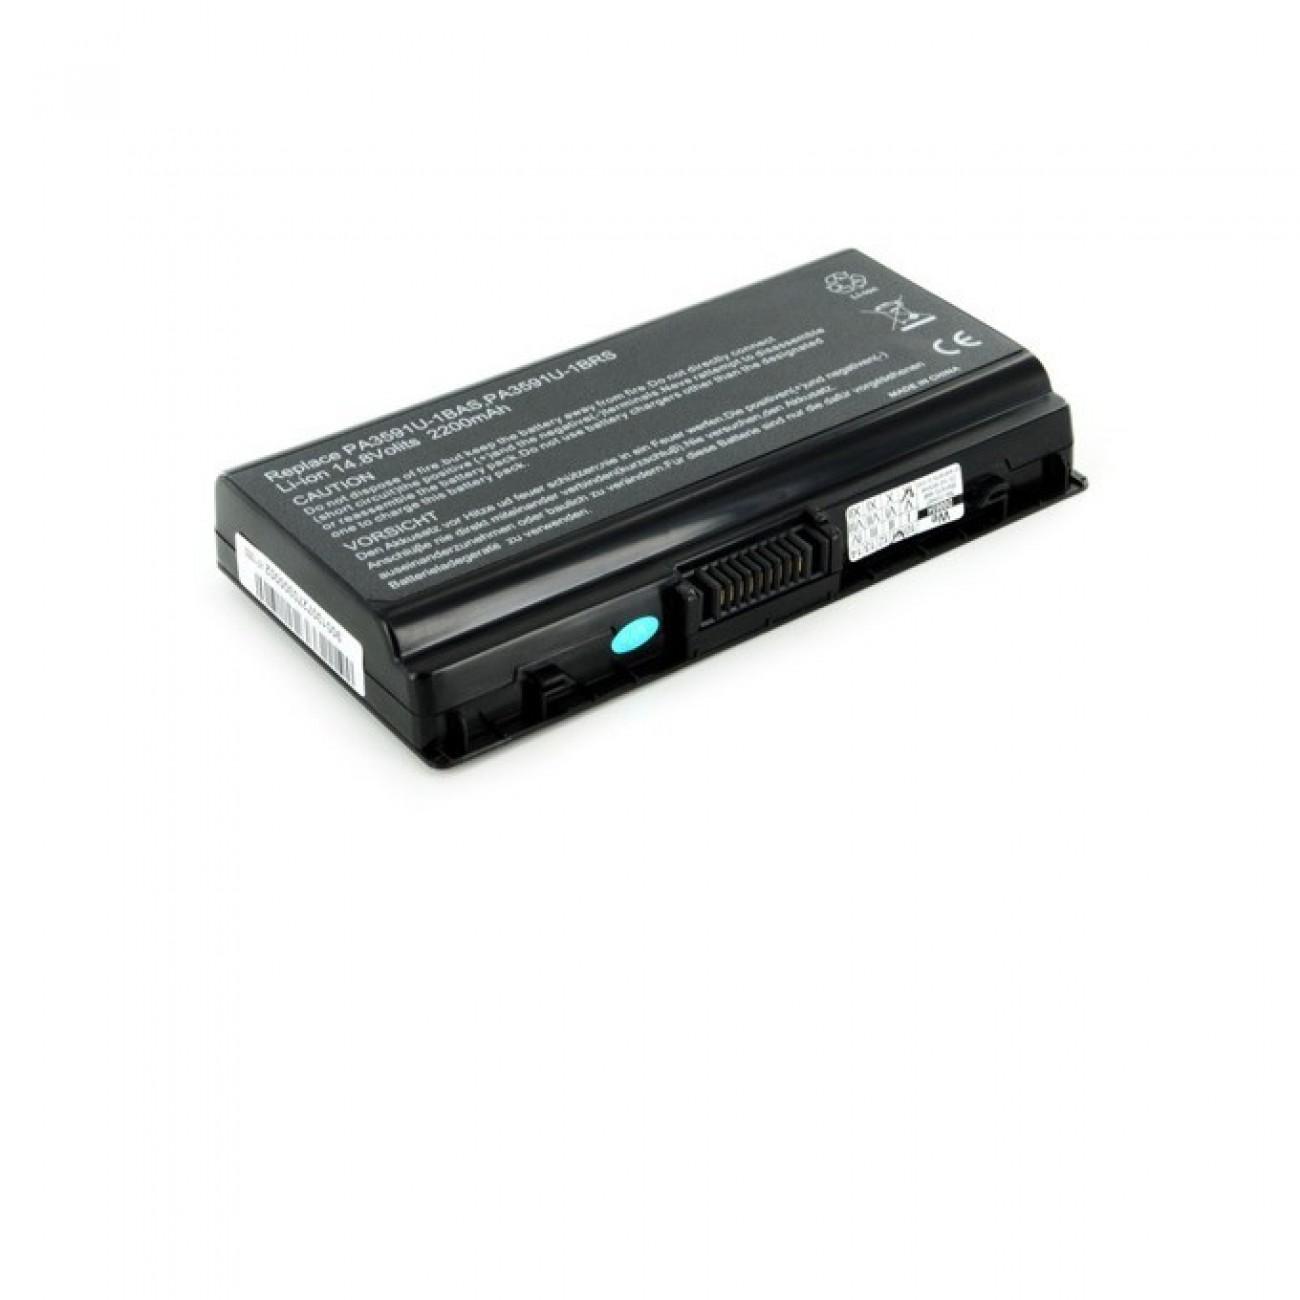 Батерия (заместител) за Toshiba Satellite/Satellite pro/Equium series, 14.8V 2200 mAh в Батерии за Лаптоп -  | Alleop